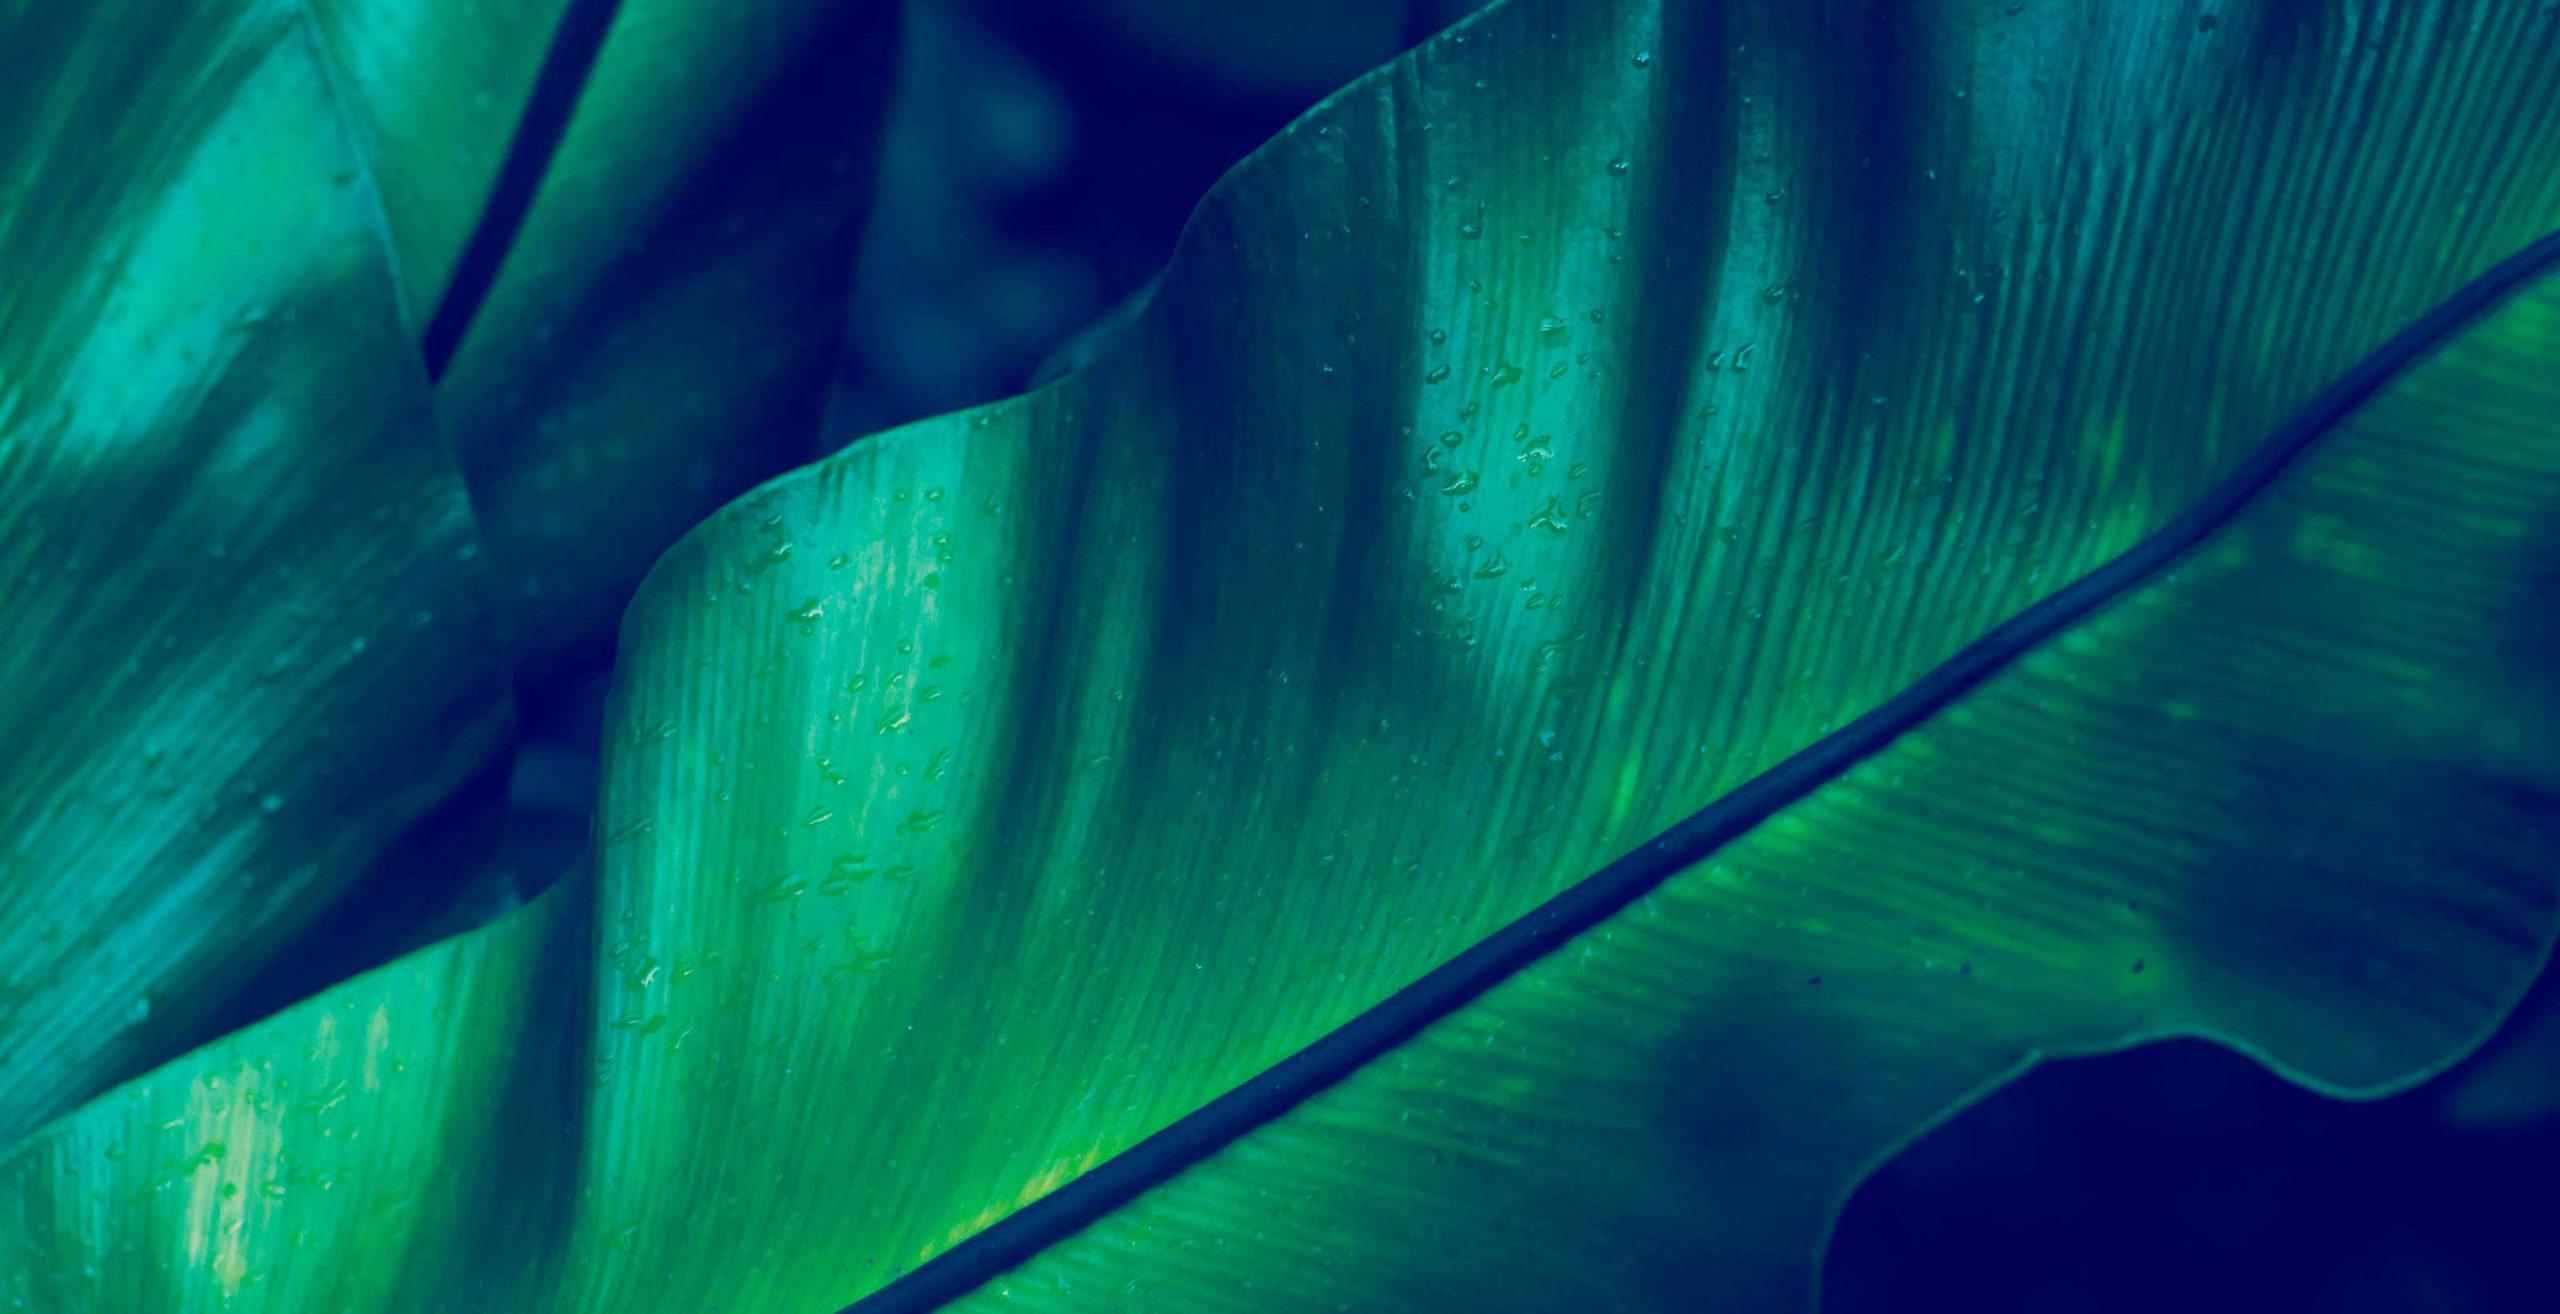 Leafy background image